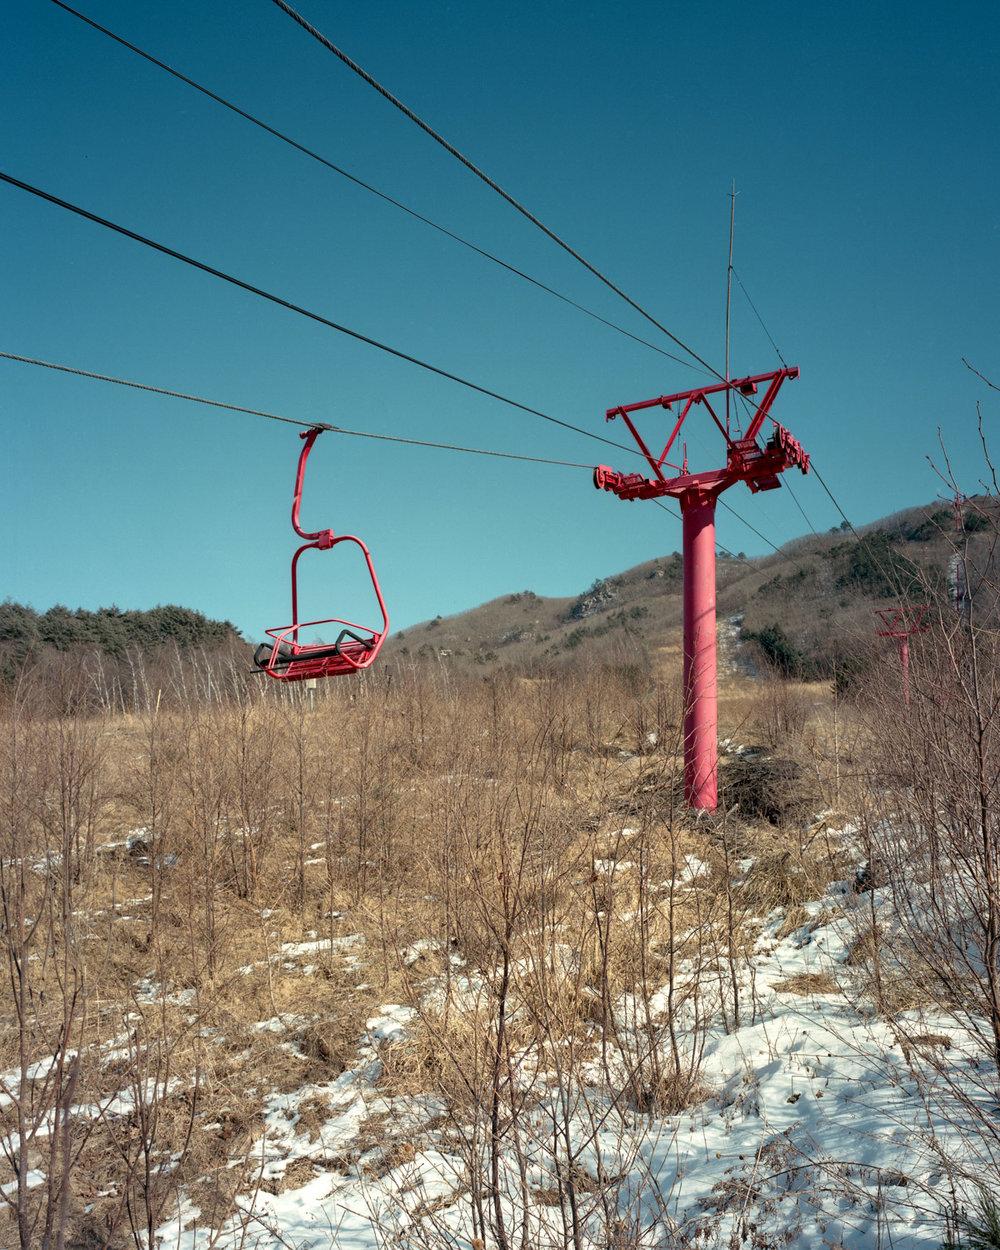 alps-resort-182-2.jpg